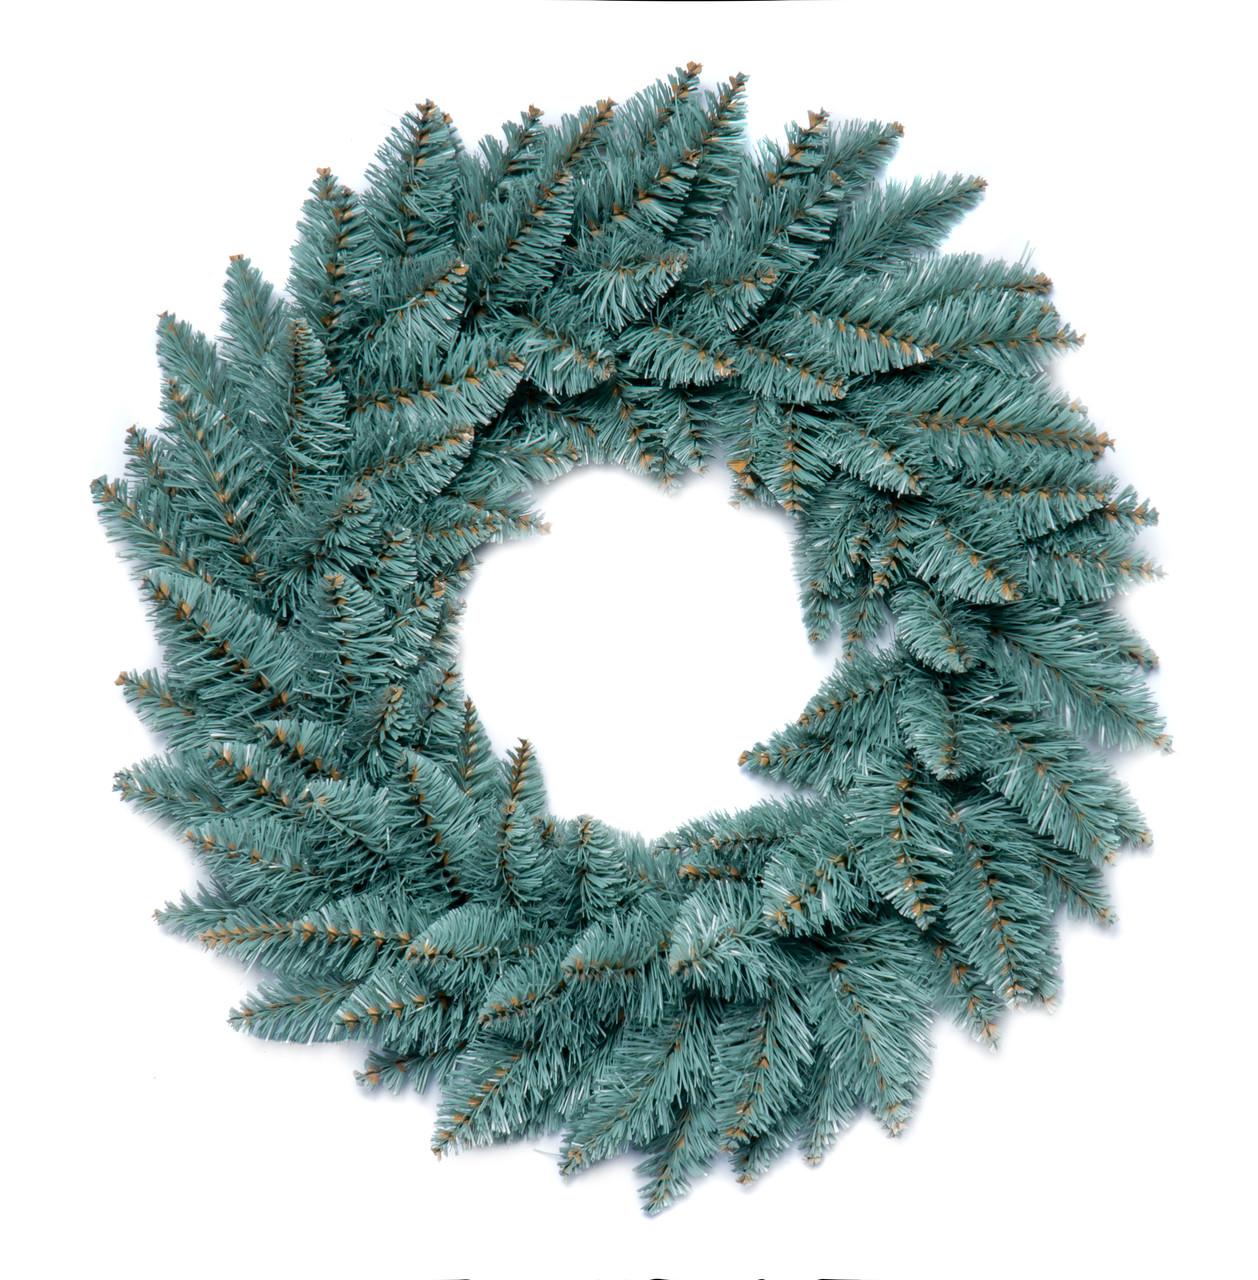 Вінок новорічний різдвяний Elegant з штучної хвої Ø 60 см, блакитний